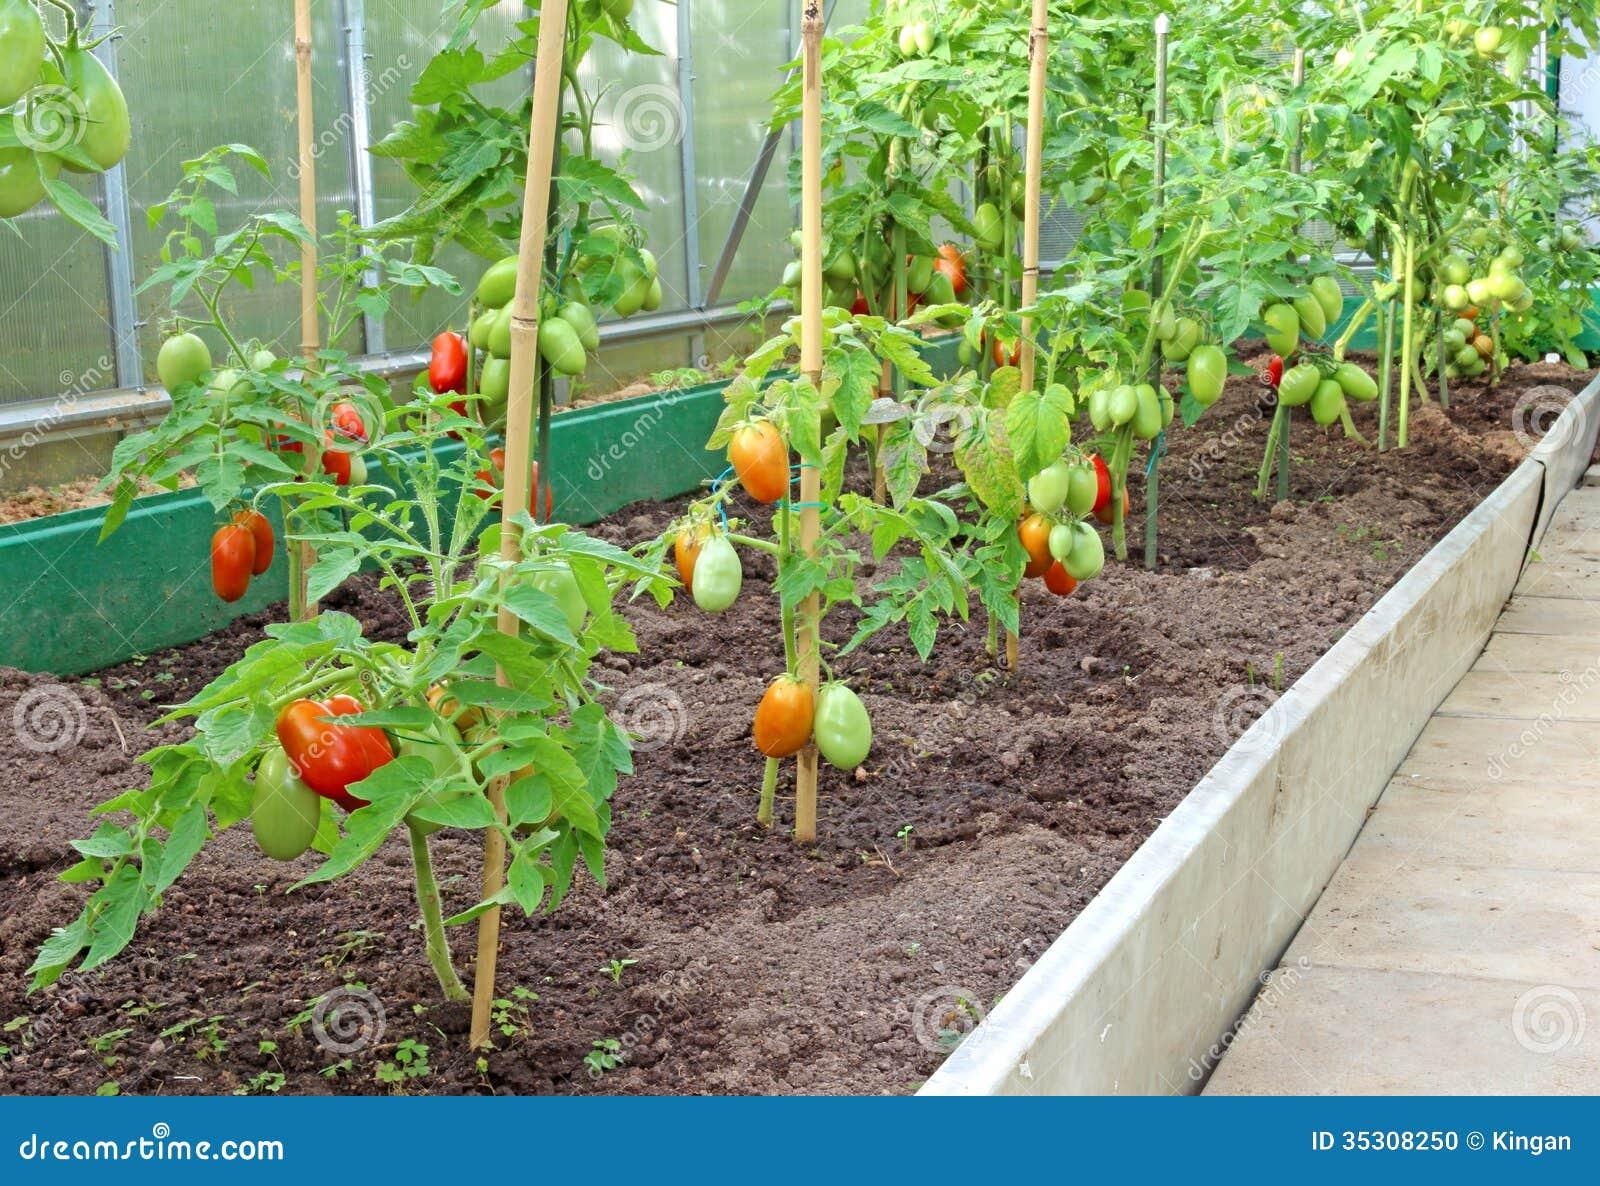 viele b sche von tomaten im gew chshaus stockfoto bild 35308250. Black Bedroom Furniture Sets. Home Design Ideas